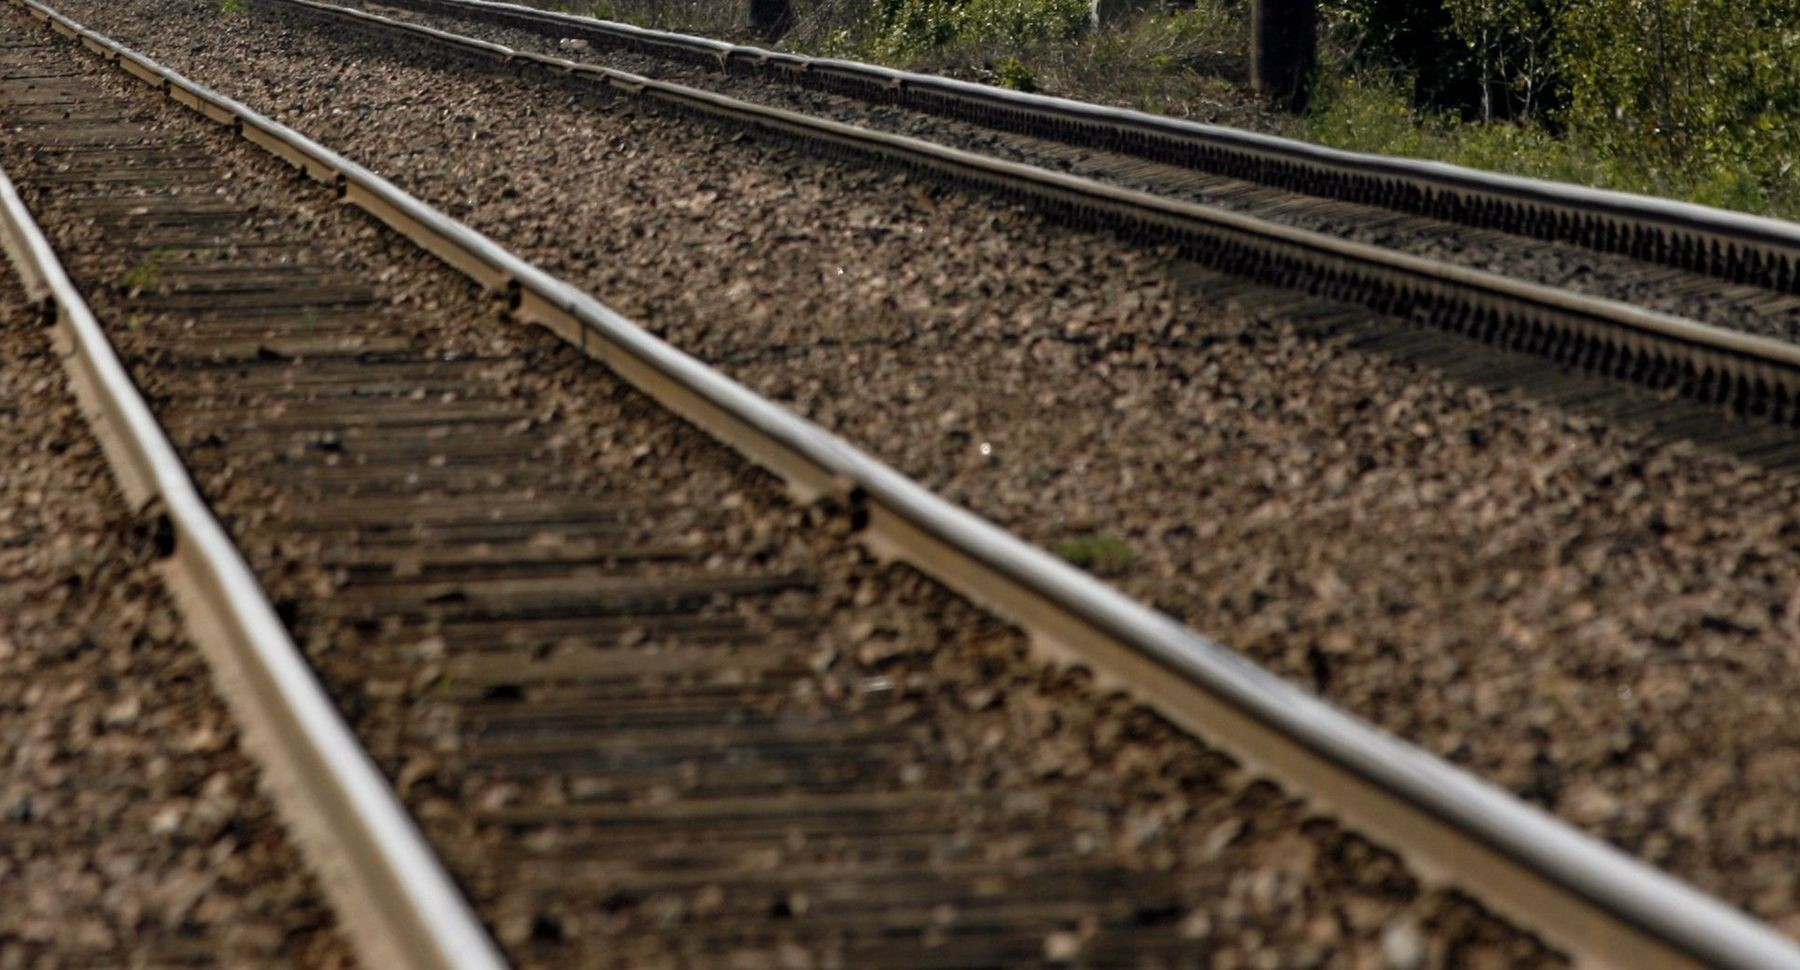 ВПодмосковье электричка сбила насмерть мужчину уРеутово